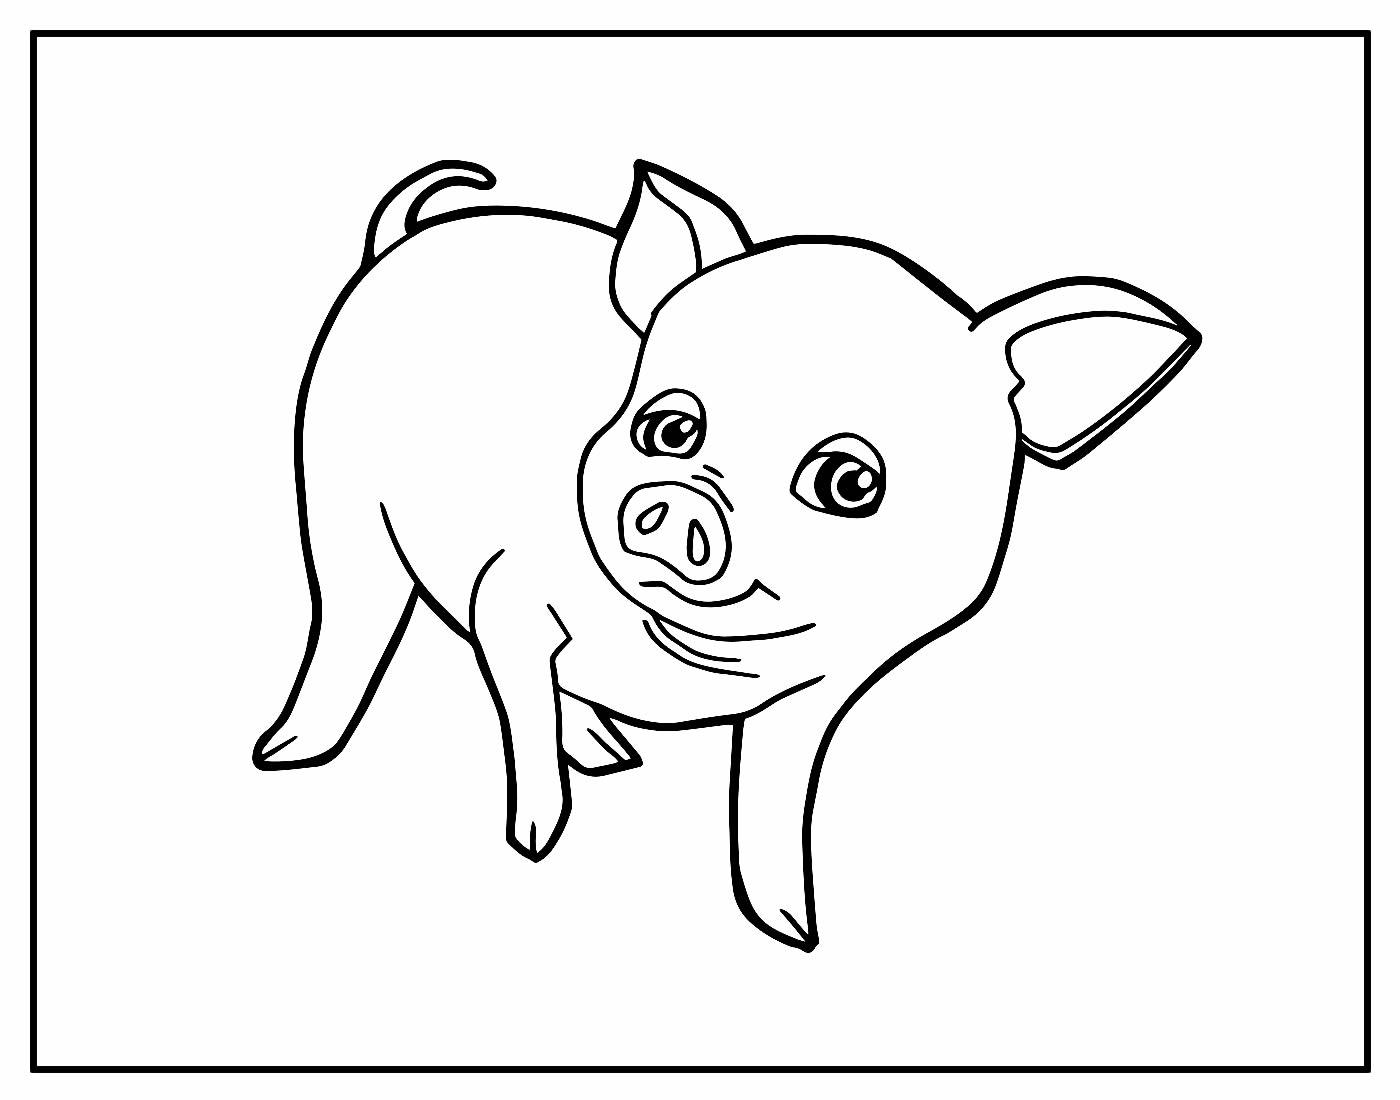 Desenho para pintar de Porquinho